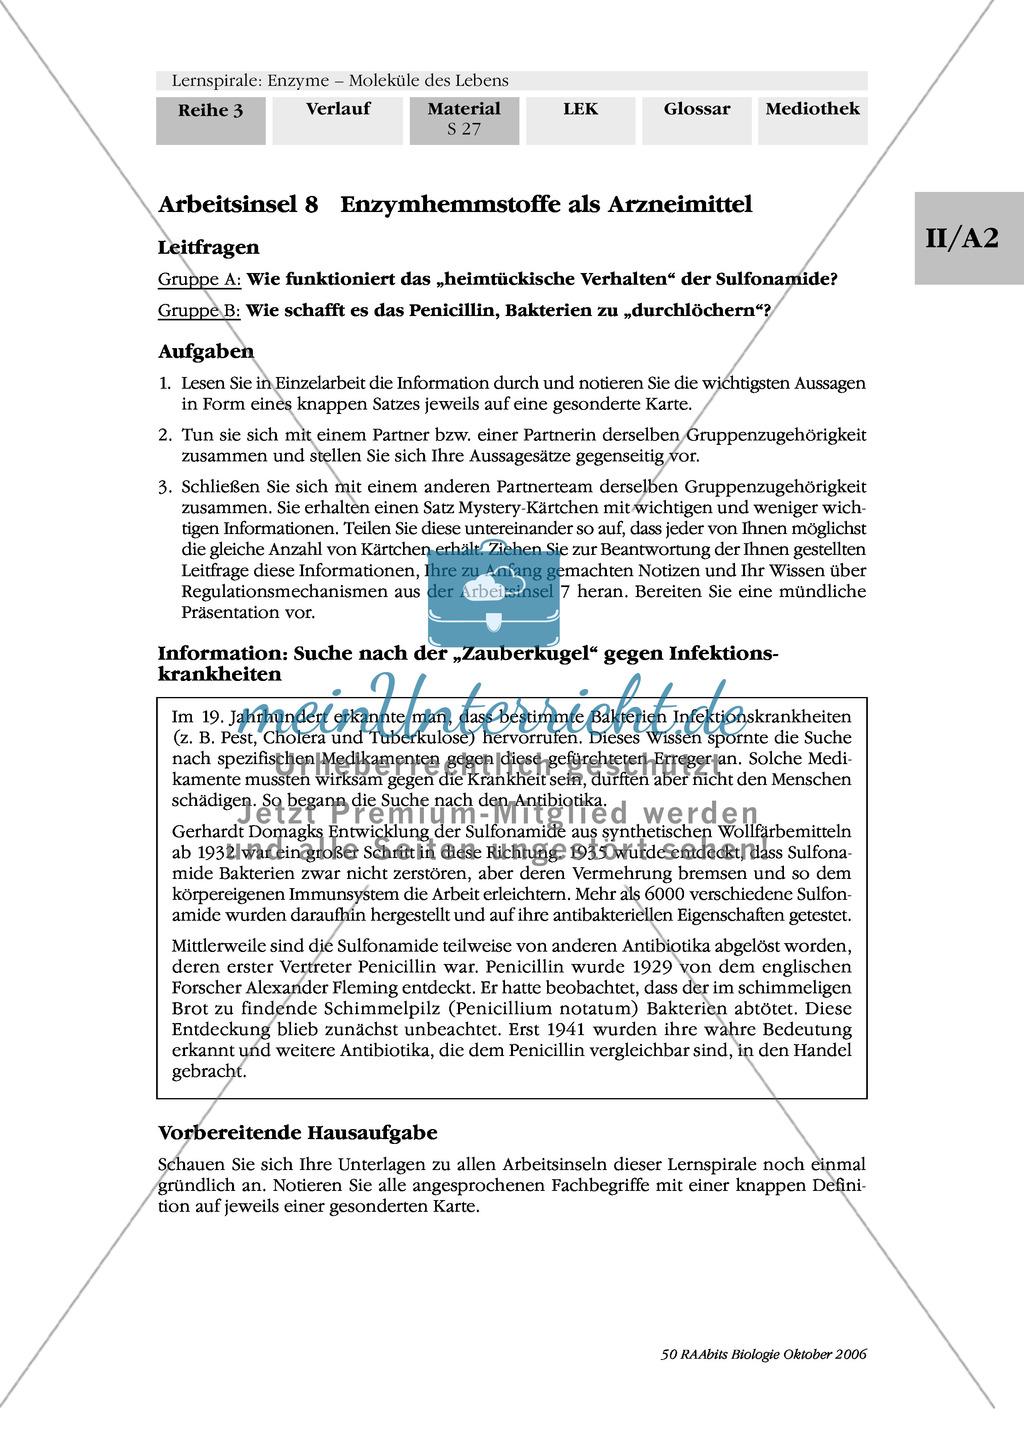 Enzyme: Arbeitsinseln zu den Themen Stoffwechsel, Enzymreaktionen, Hemmstoffe, Cofaktoren, Regulation Preview 20